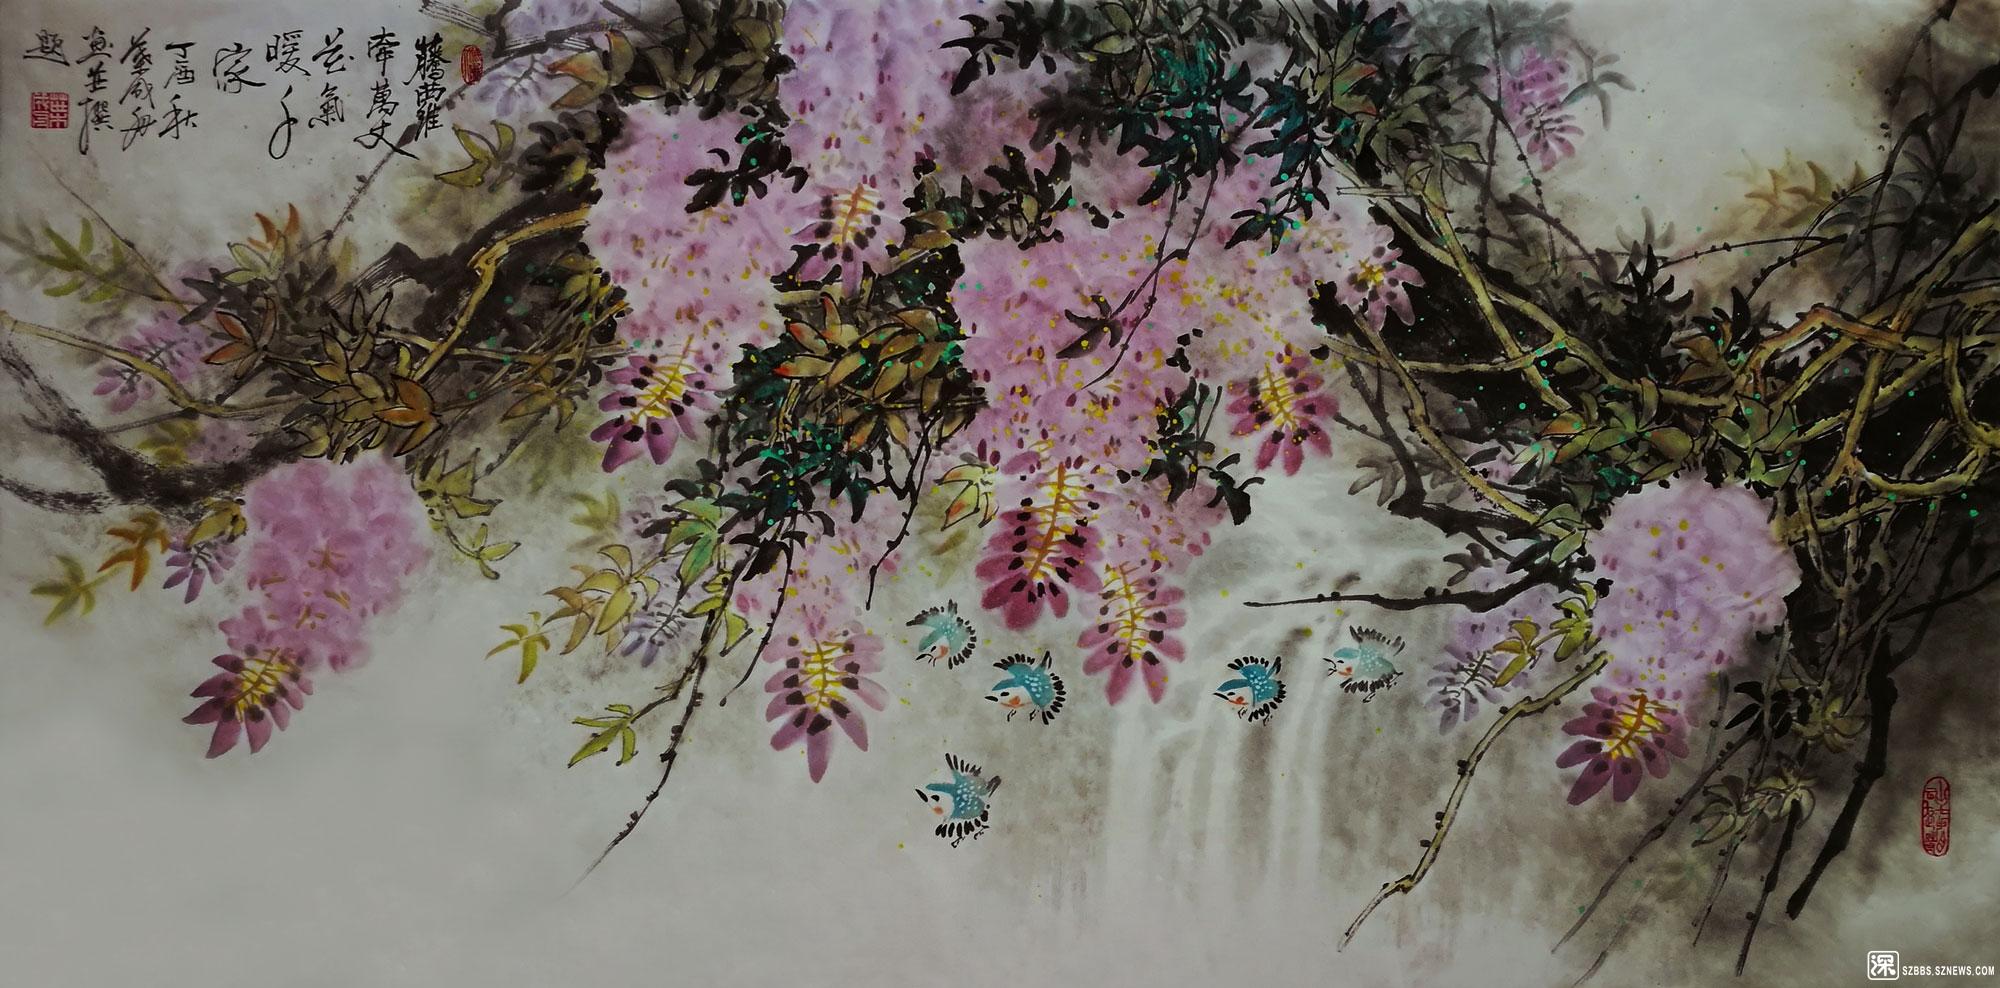 叶崇谋老师的国画作品——藤萝牵万丈-花气暖千家